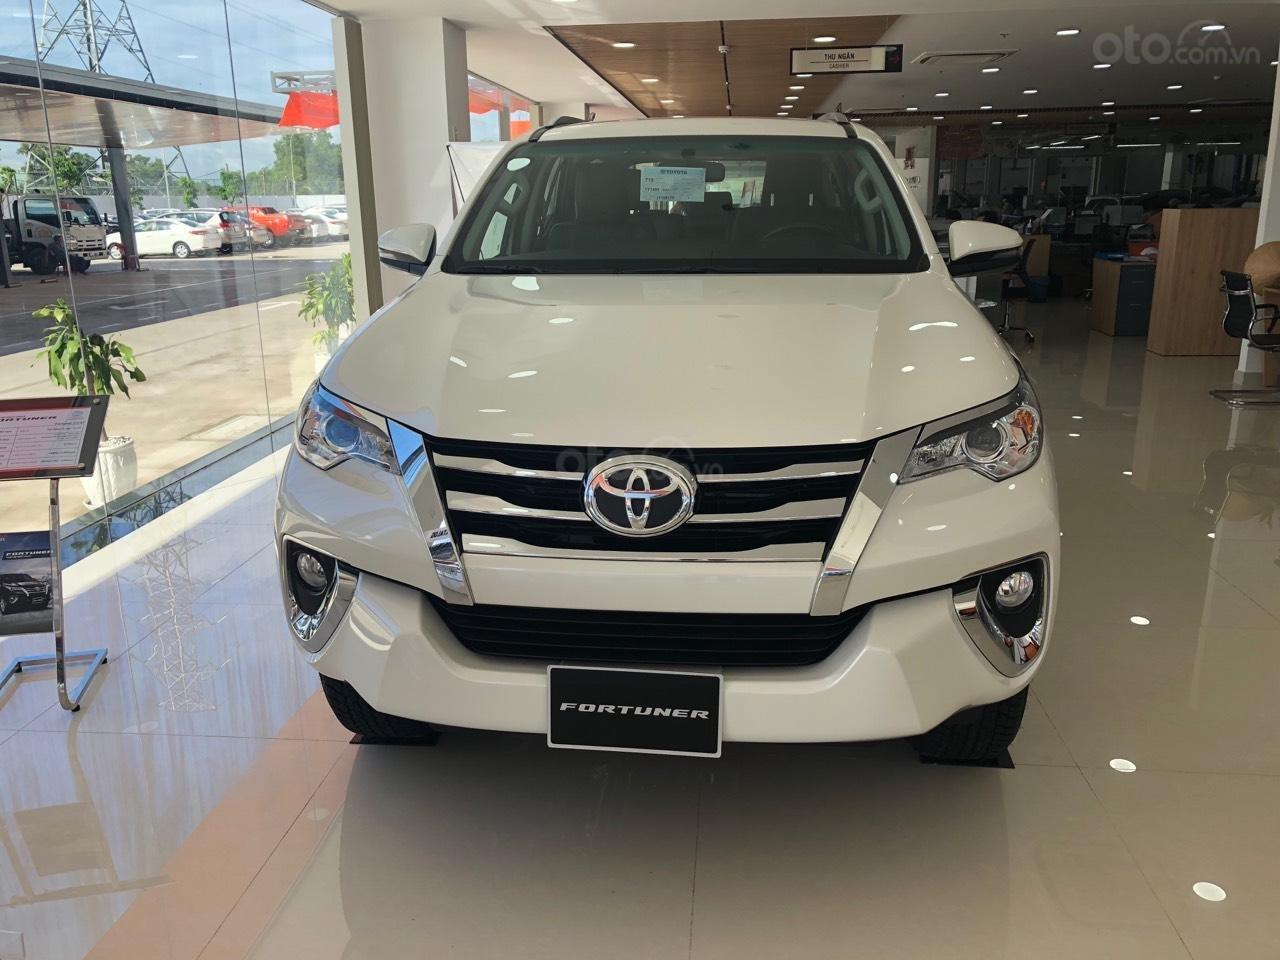 Toyota Fortuner 2.7 V, màu trắng, xe nhập khẩu - khuyến mãi tiền mặt- tặng phụ kiện (1)